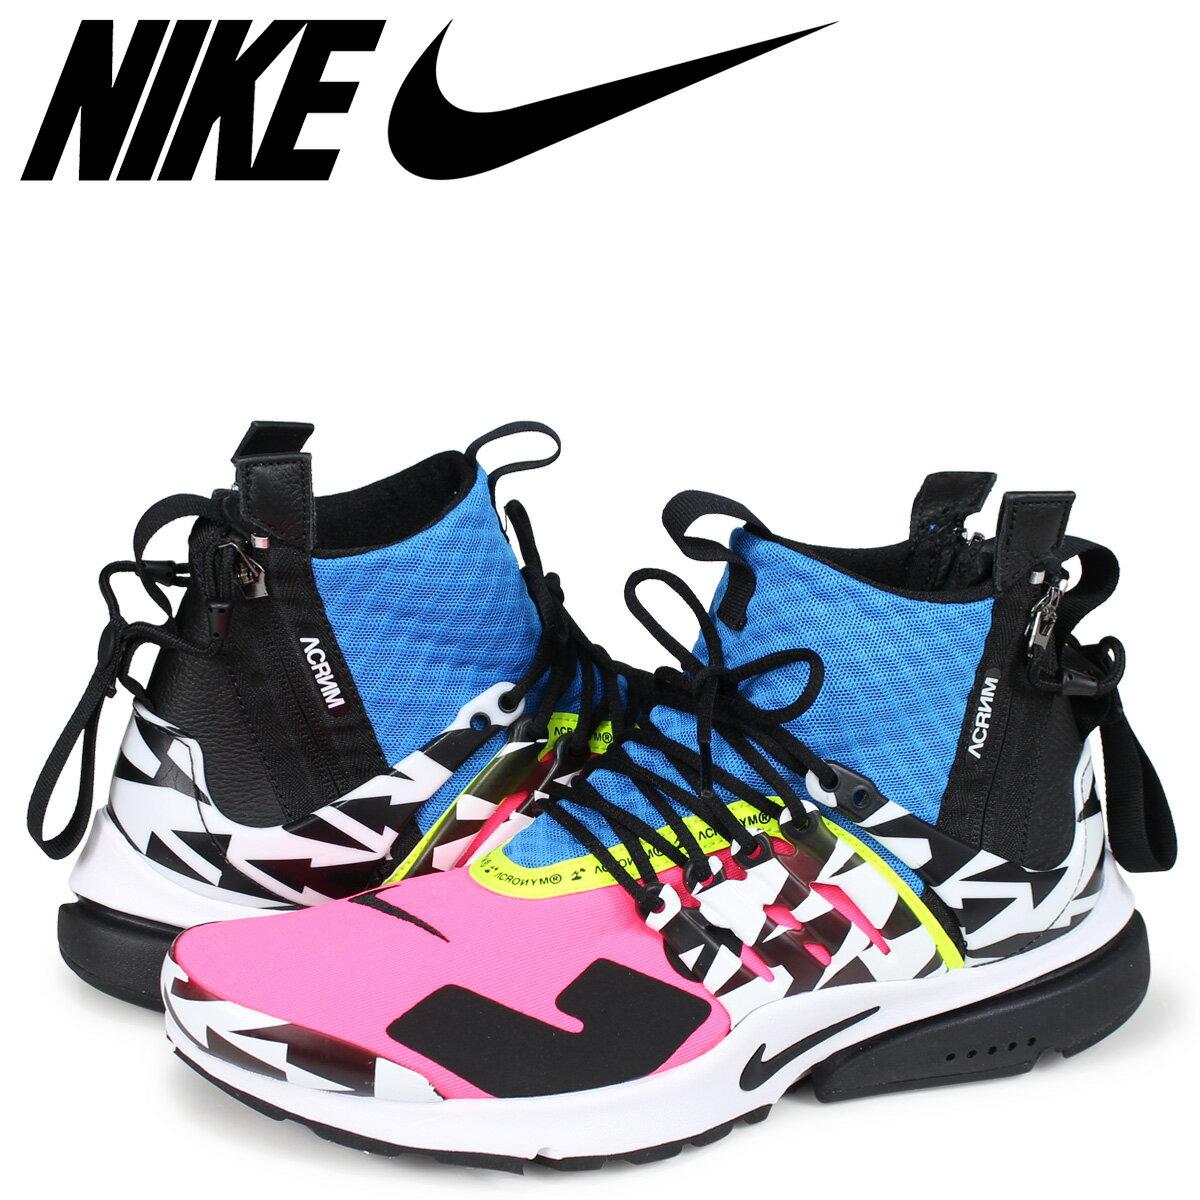 メンズ靴, スニーカー NIKE ACRONYM AIR PRESTO MID AH7832-600